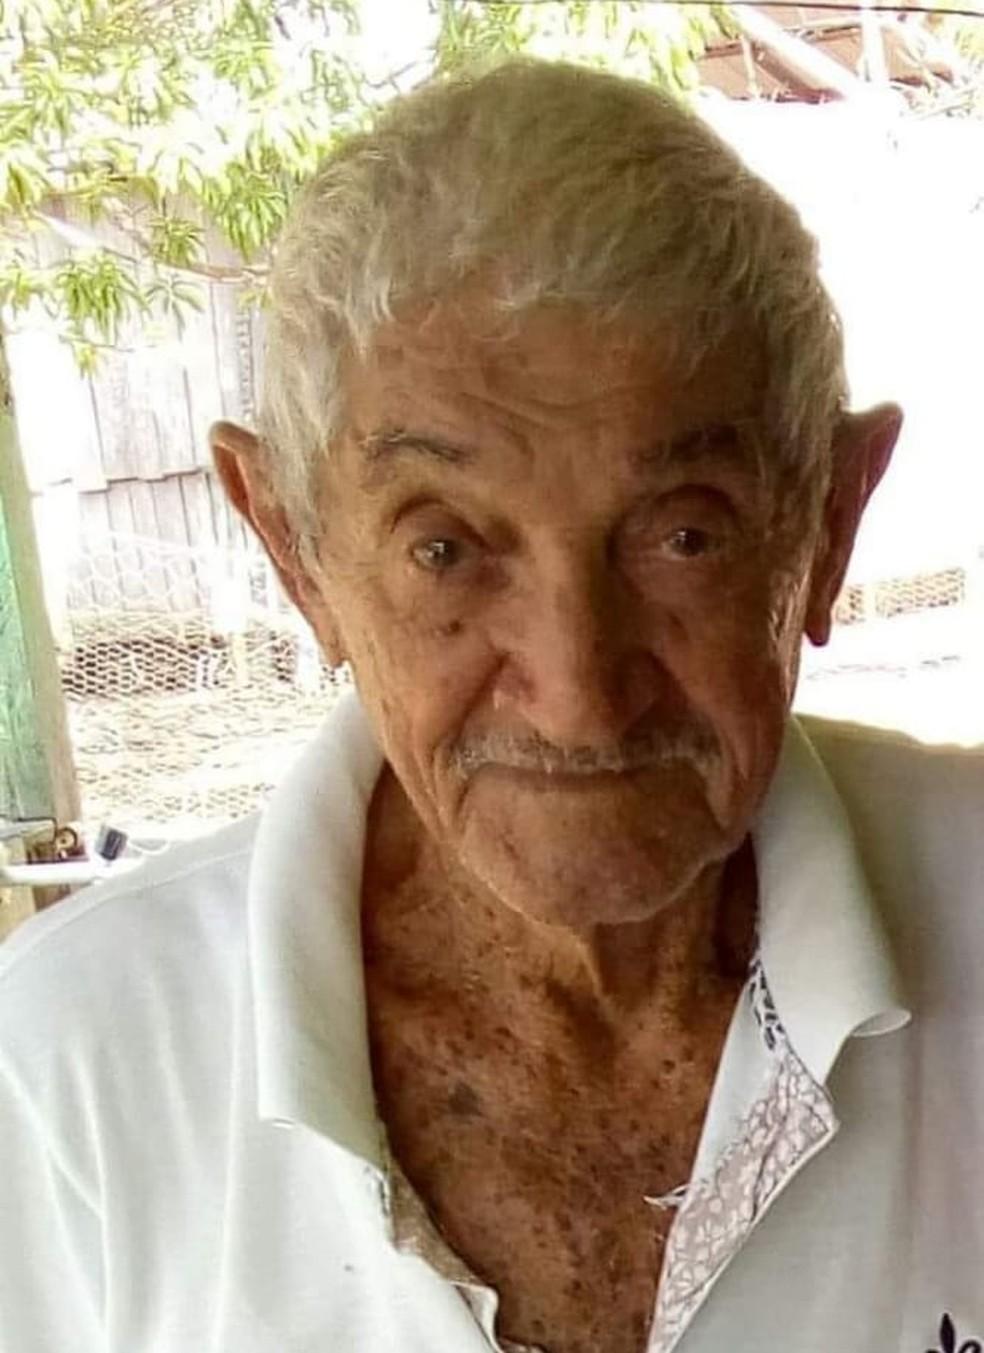 Idoso de 90 anos desapareceu na manhã de segunda-feira (3) em Nova Mamoré.  (Foto: Reprodução/ Arquivo pessoal)